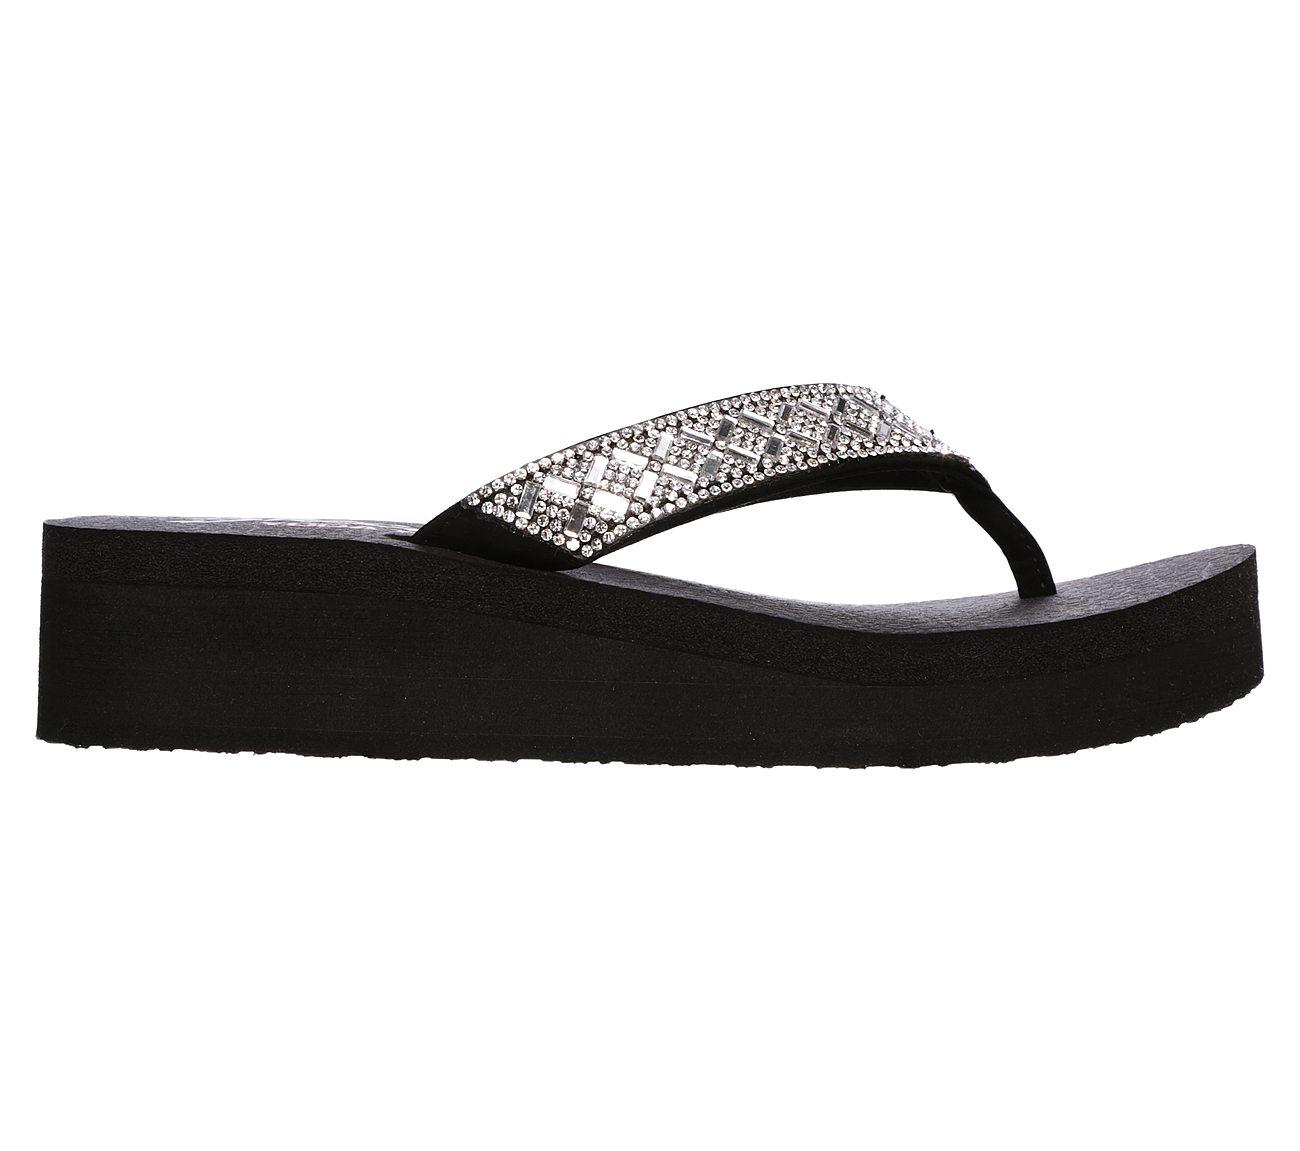 skechers black wedge flip flops